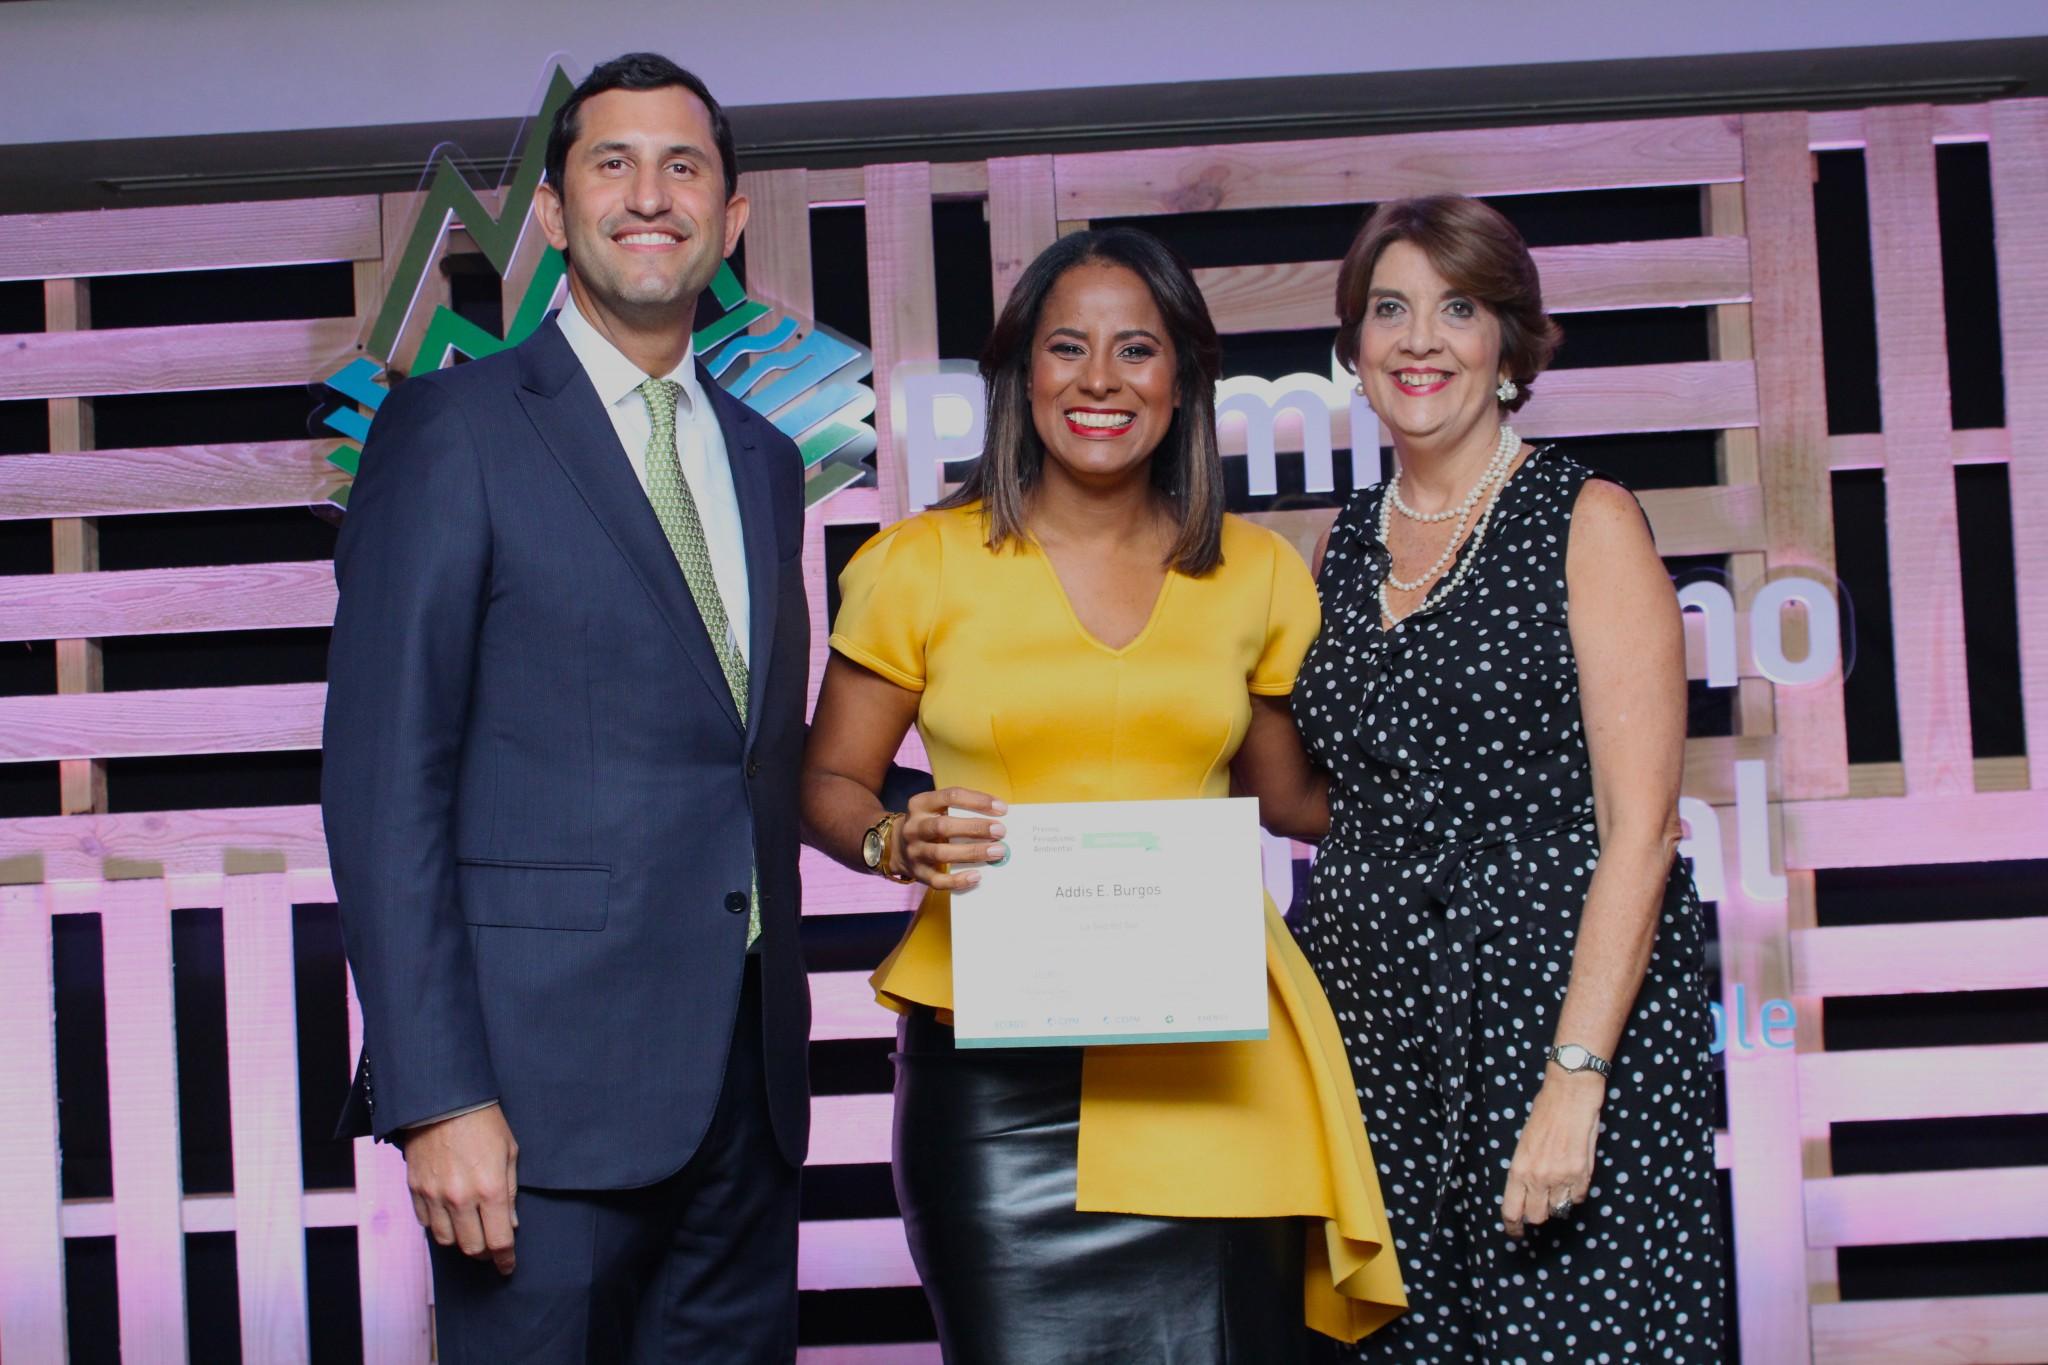 Addis Burgos_ ganadora del primer lugar, junto a Roberto Herrera y Maria Alicia Urbaneja.